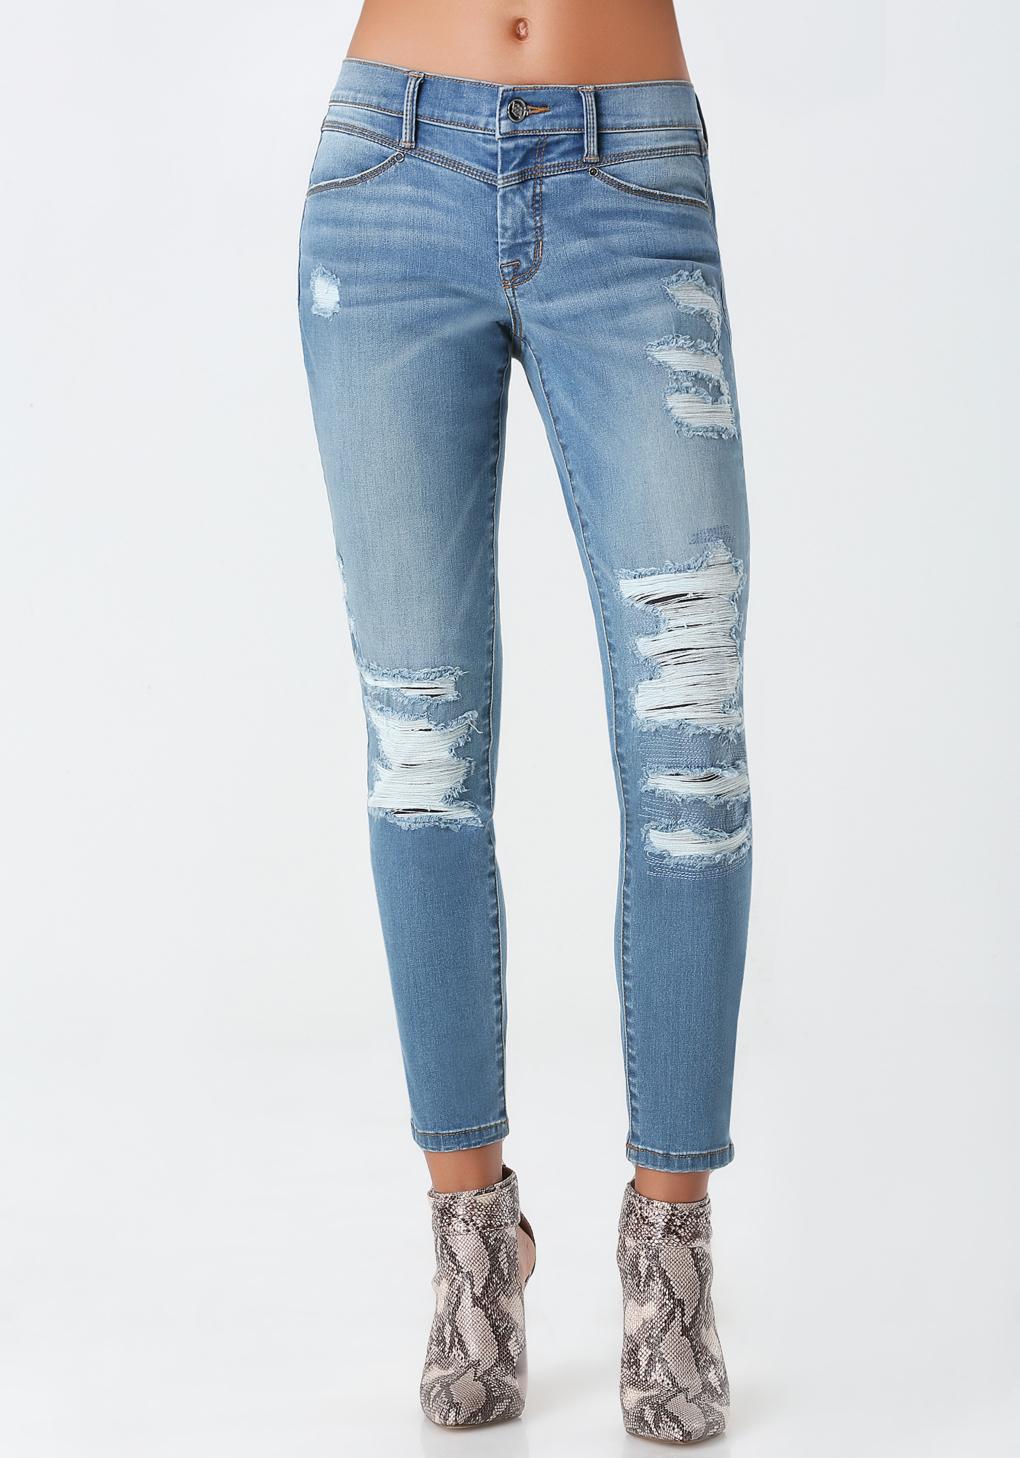 lyst bebe destroyed boyfriend jeans in blue. Black Bedroom Furniture Sets. Home Design Ideas